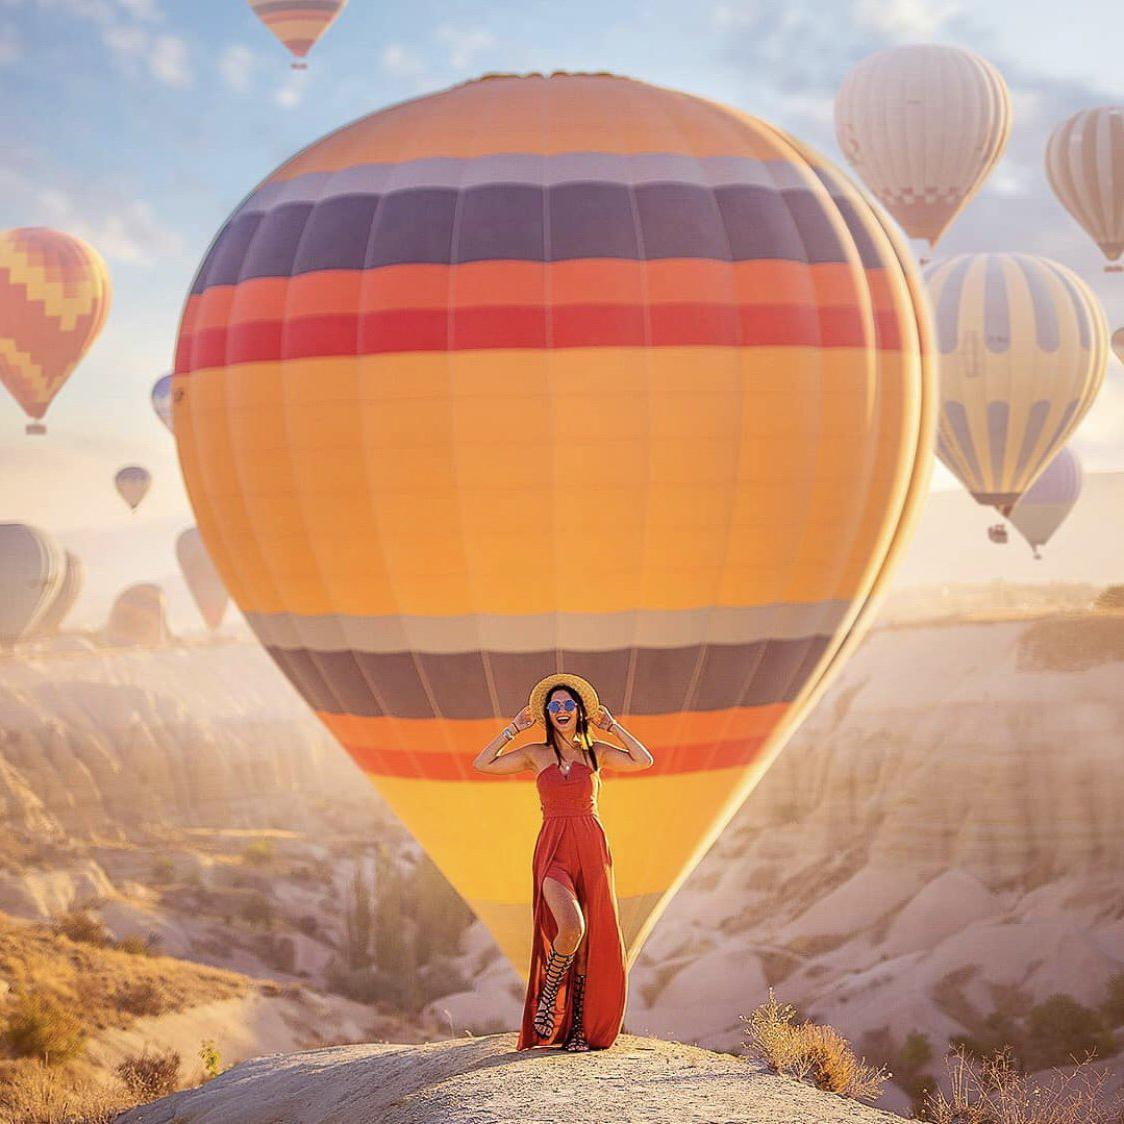 Cappadocia VIP Balloon Tour